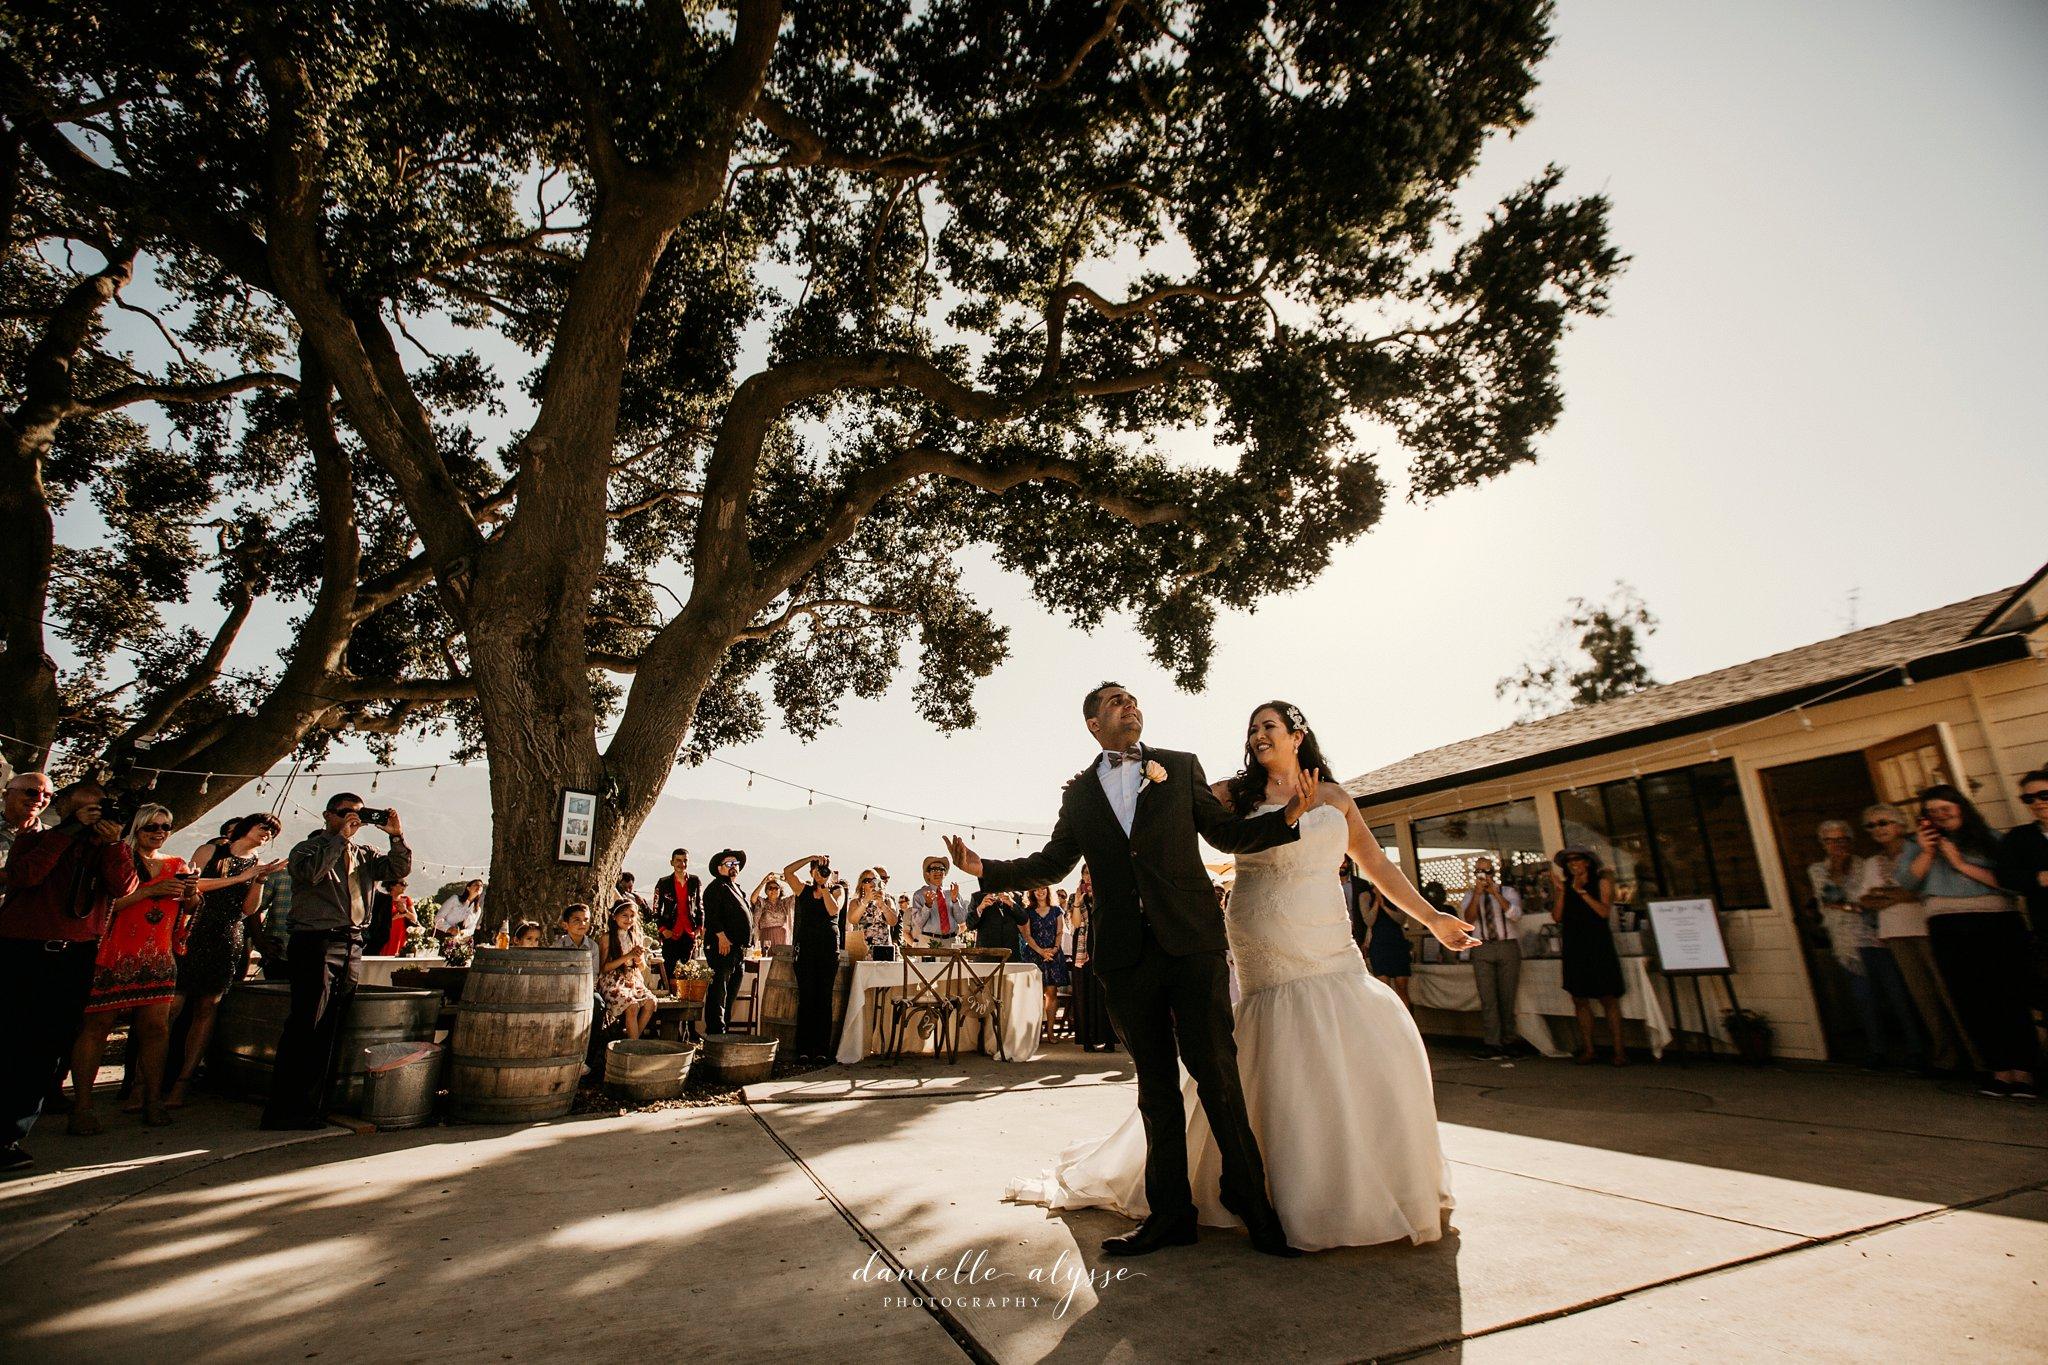 180630_wedding_lily_ryan_mission_soledad_california_danielle_alysse_photography_blog_781_WEB.jpg